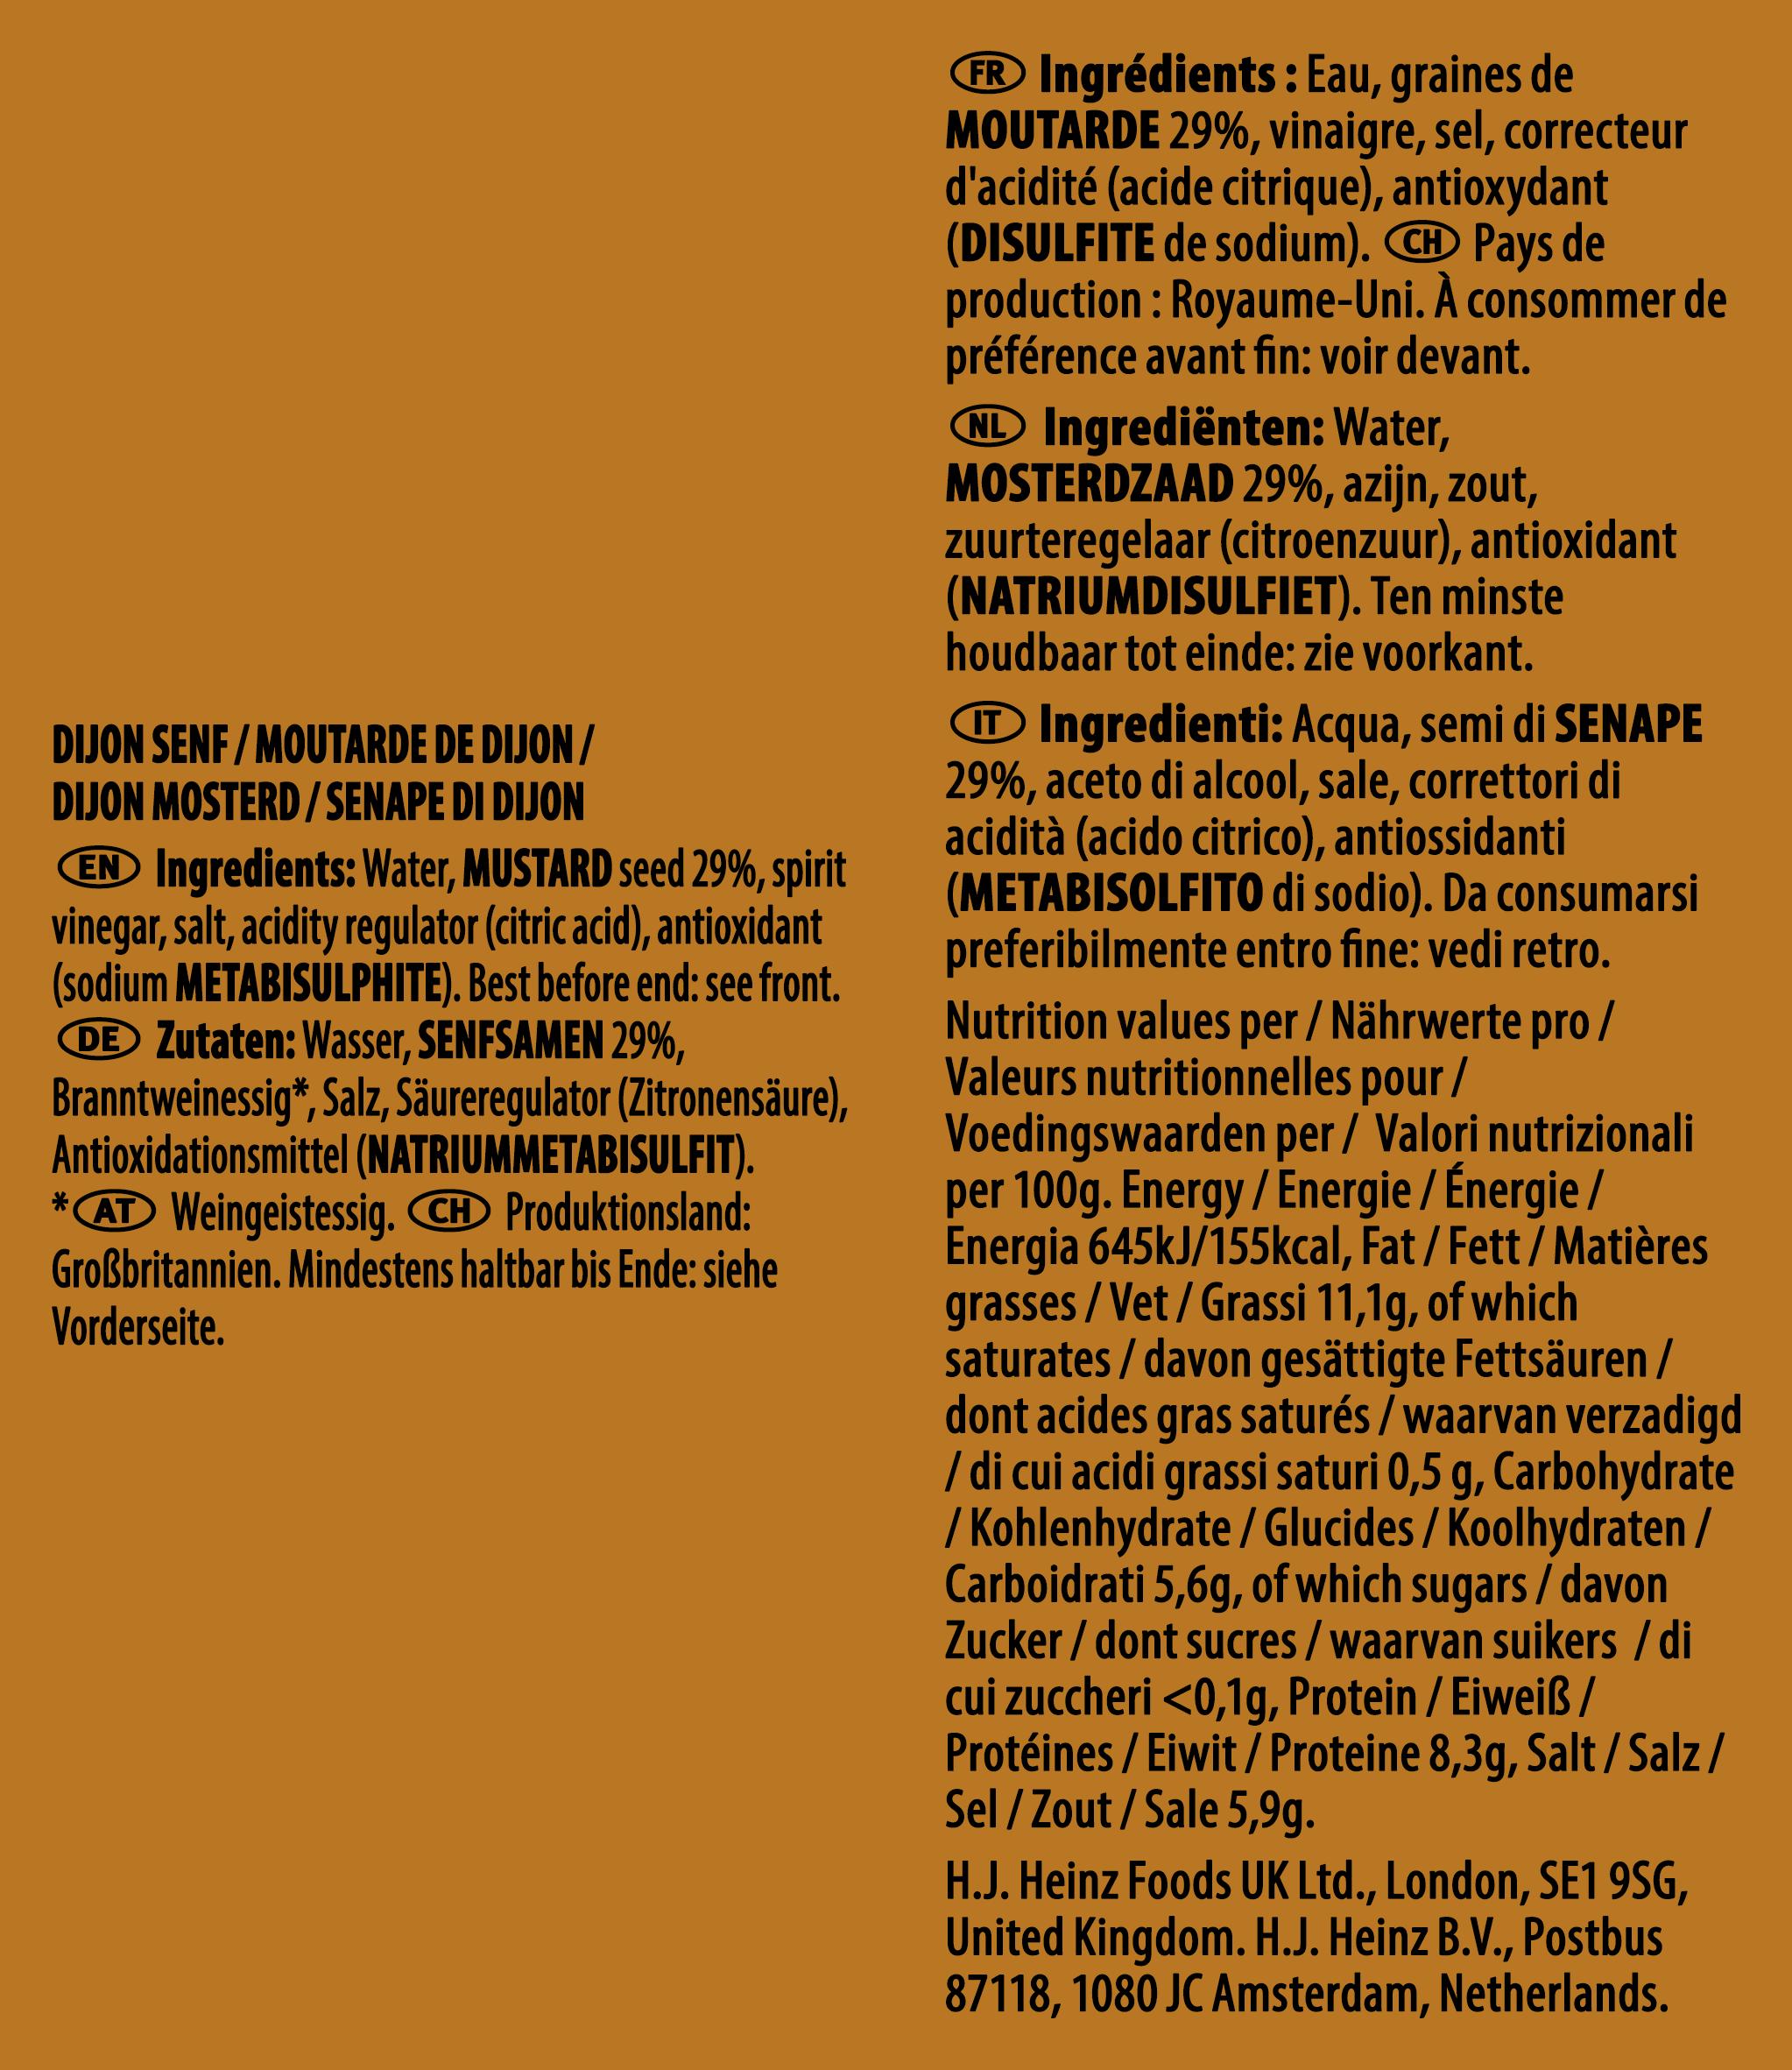 Heinz Moutarde de Dijon 7ml Sachet